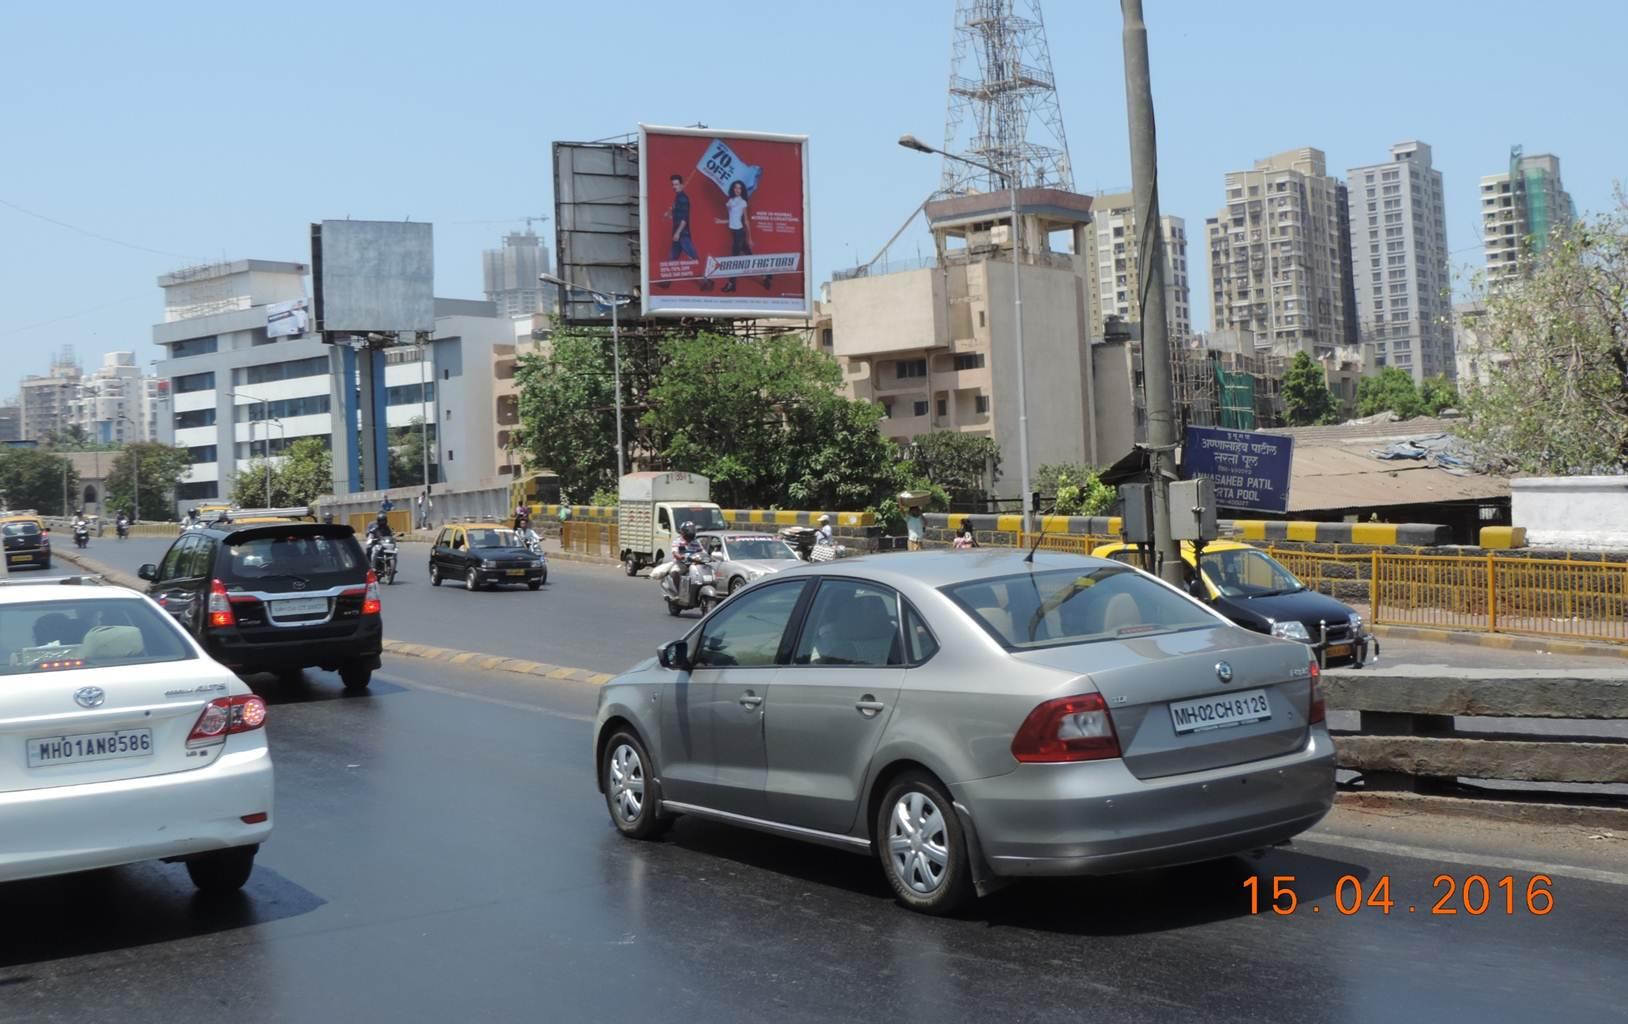 Byculla Flyover S, Mumbai